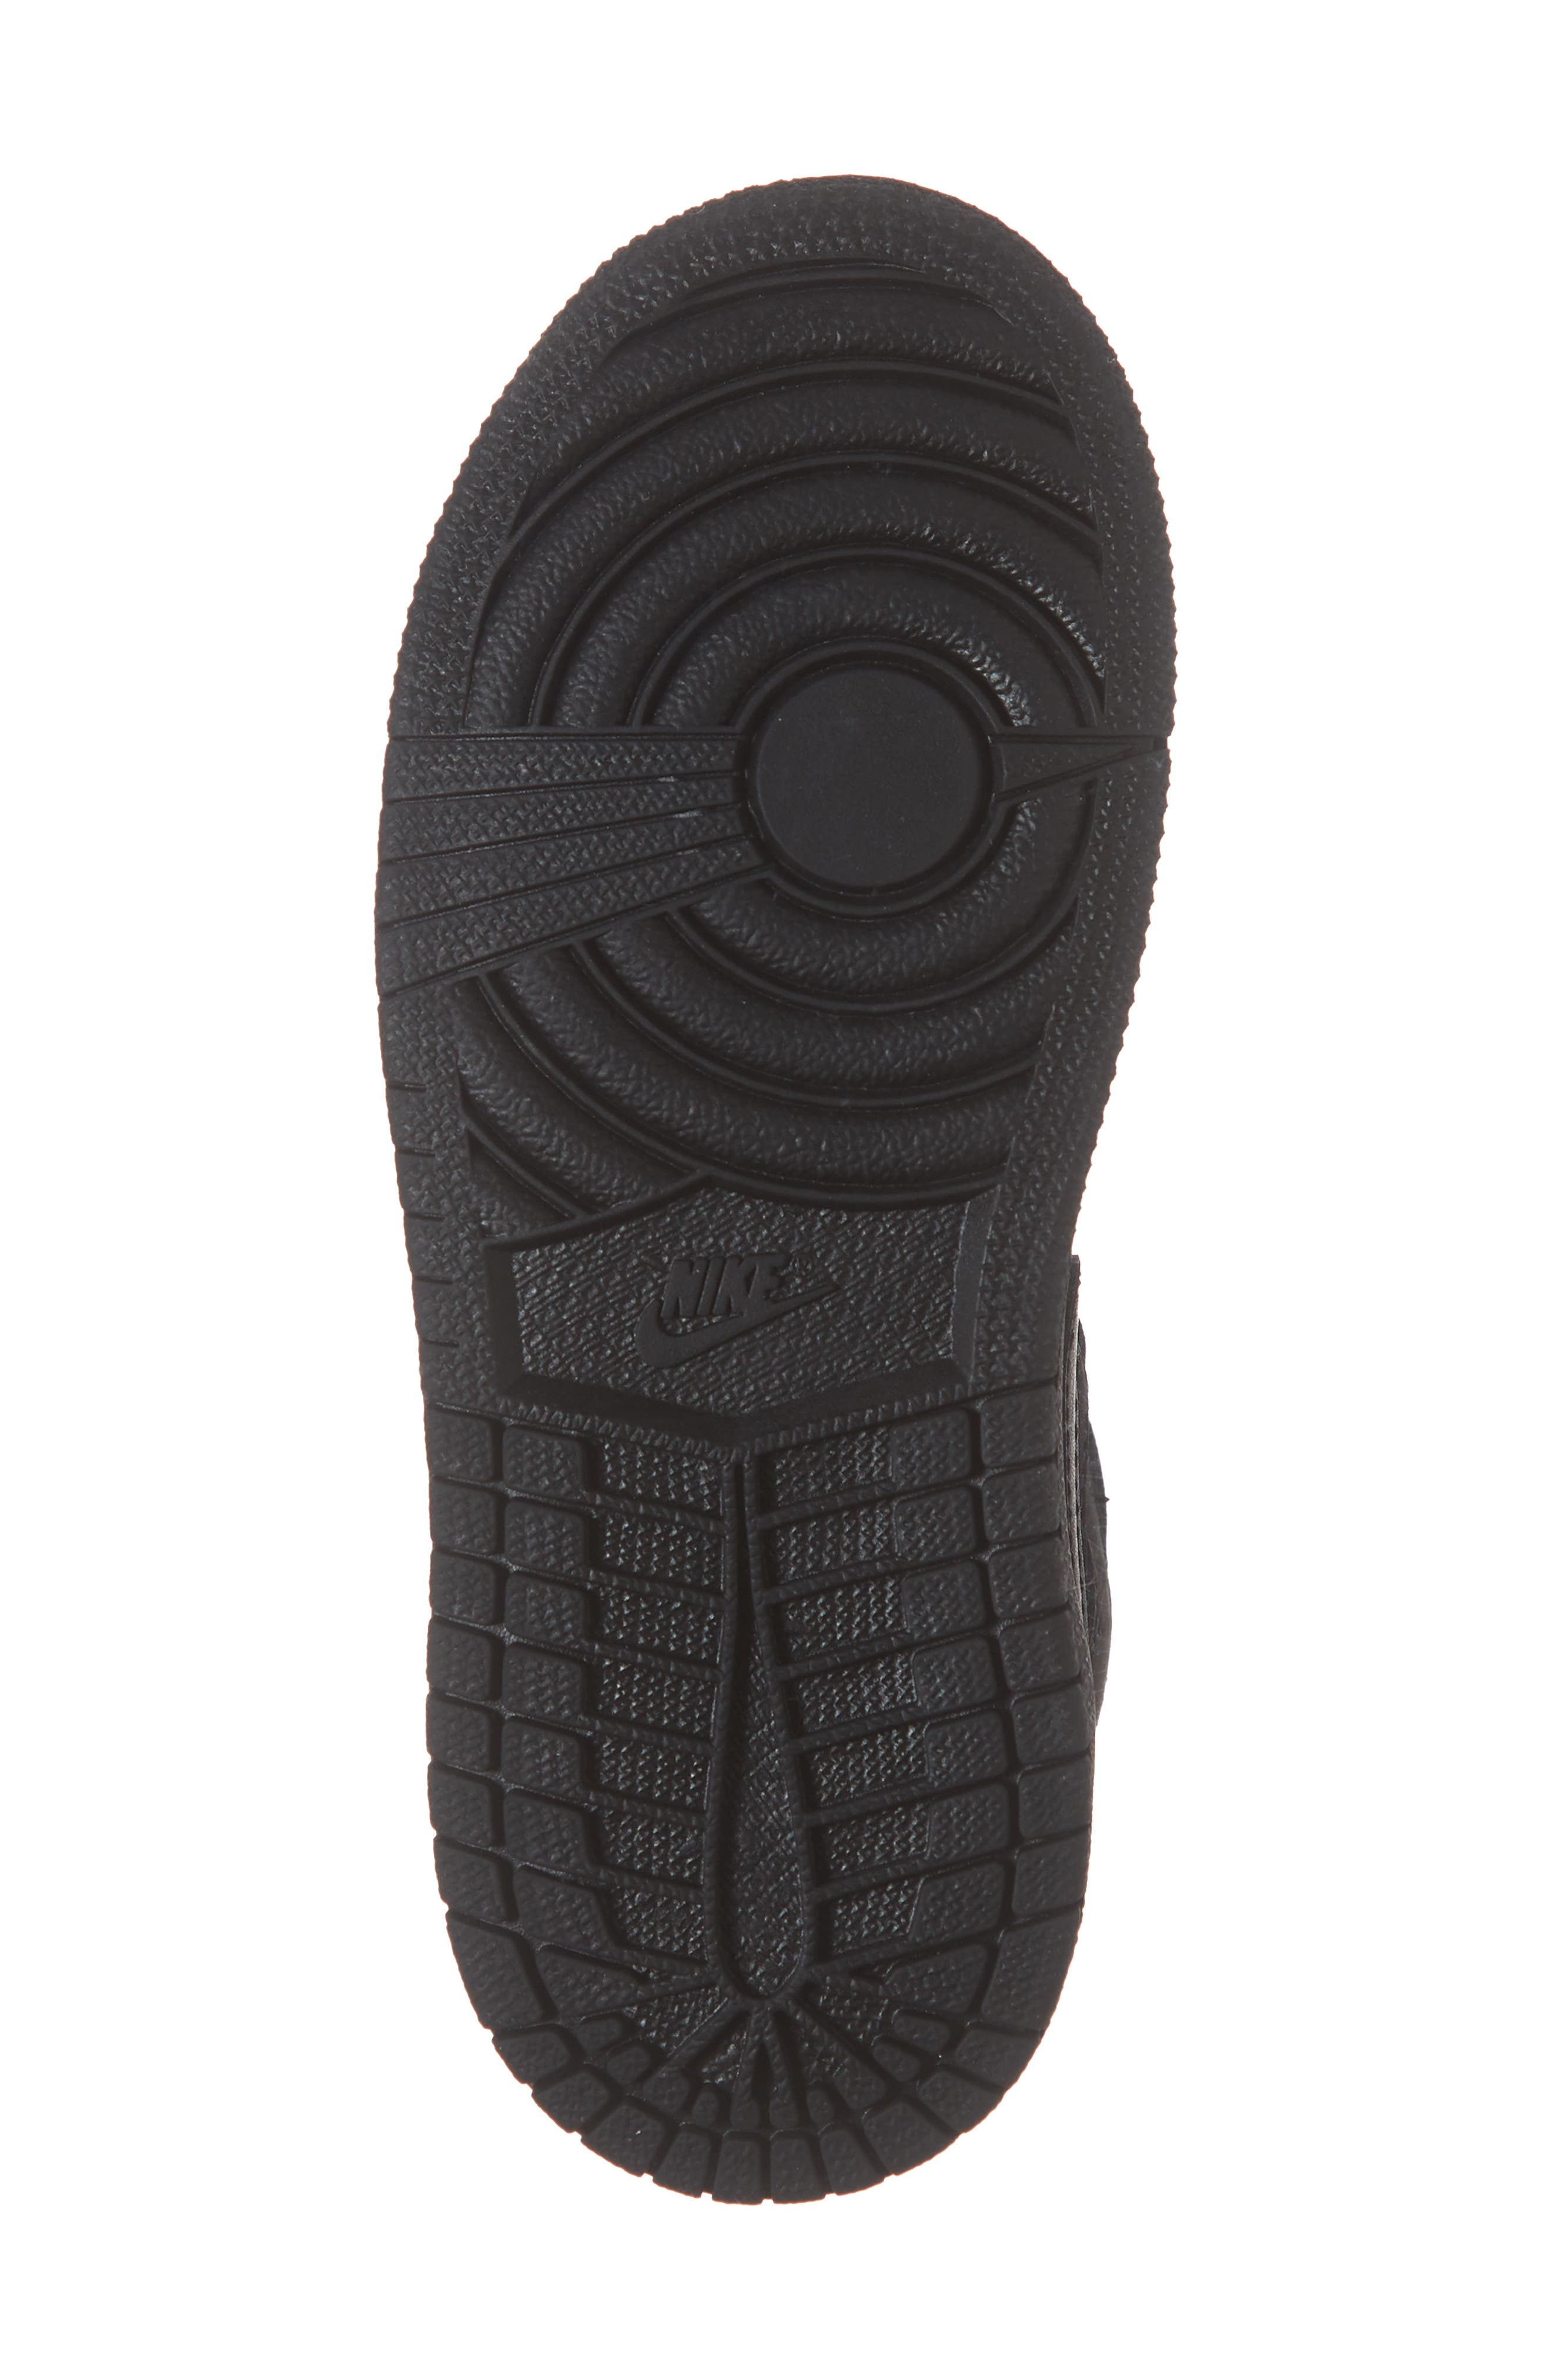 Nike 'Air Jordan 1 Mid' Sneaker,                             Alternate thumbnail 6, color,                             BLACK/ DARK GREY/ BLACK